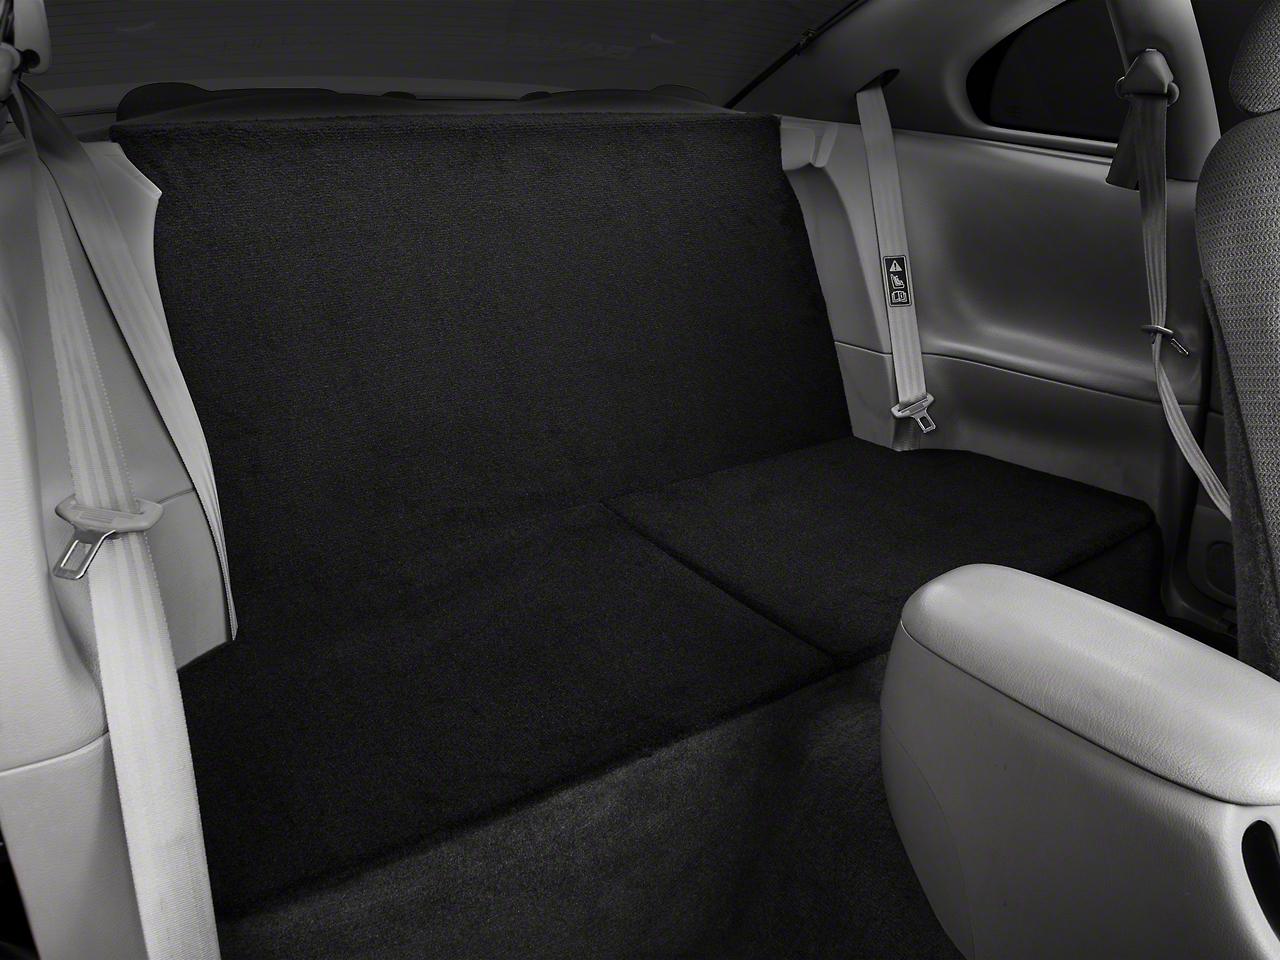 Rear Seat Delete - Coupe - Black (94-04 All)